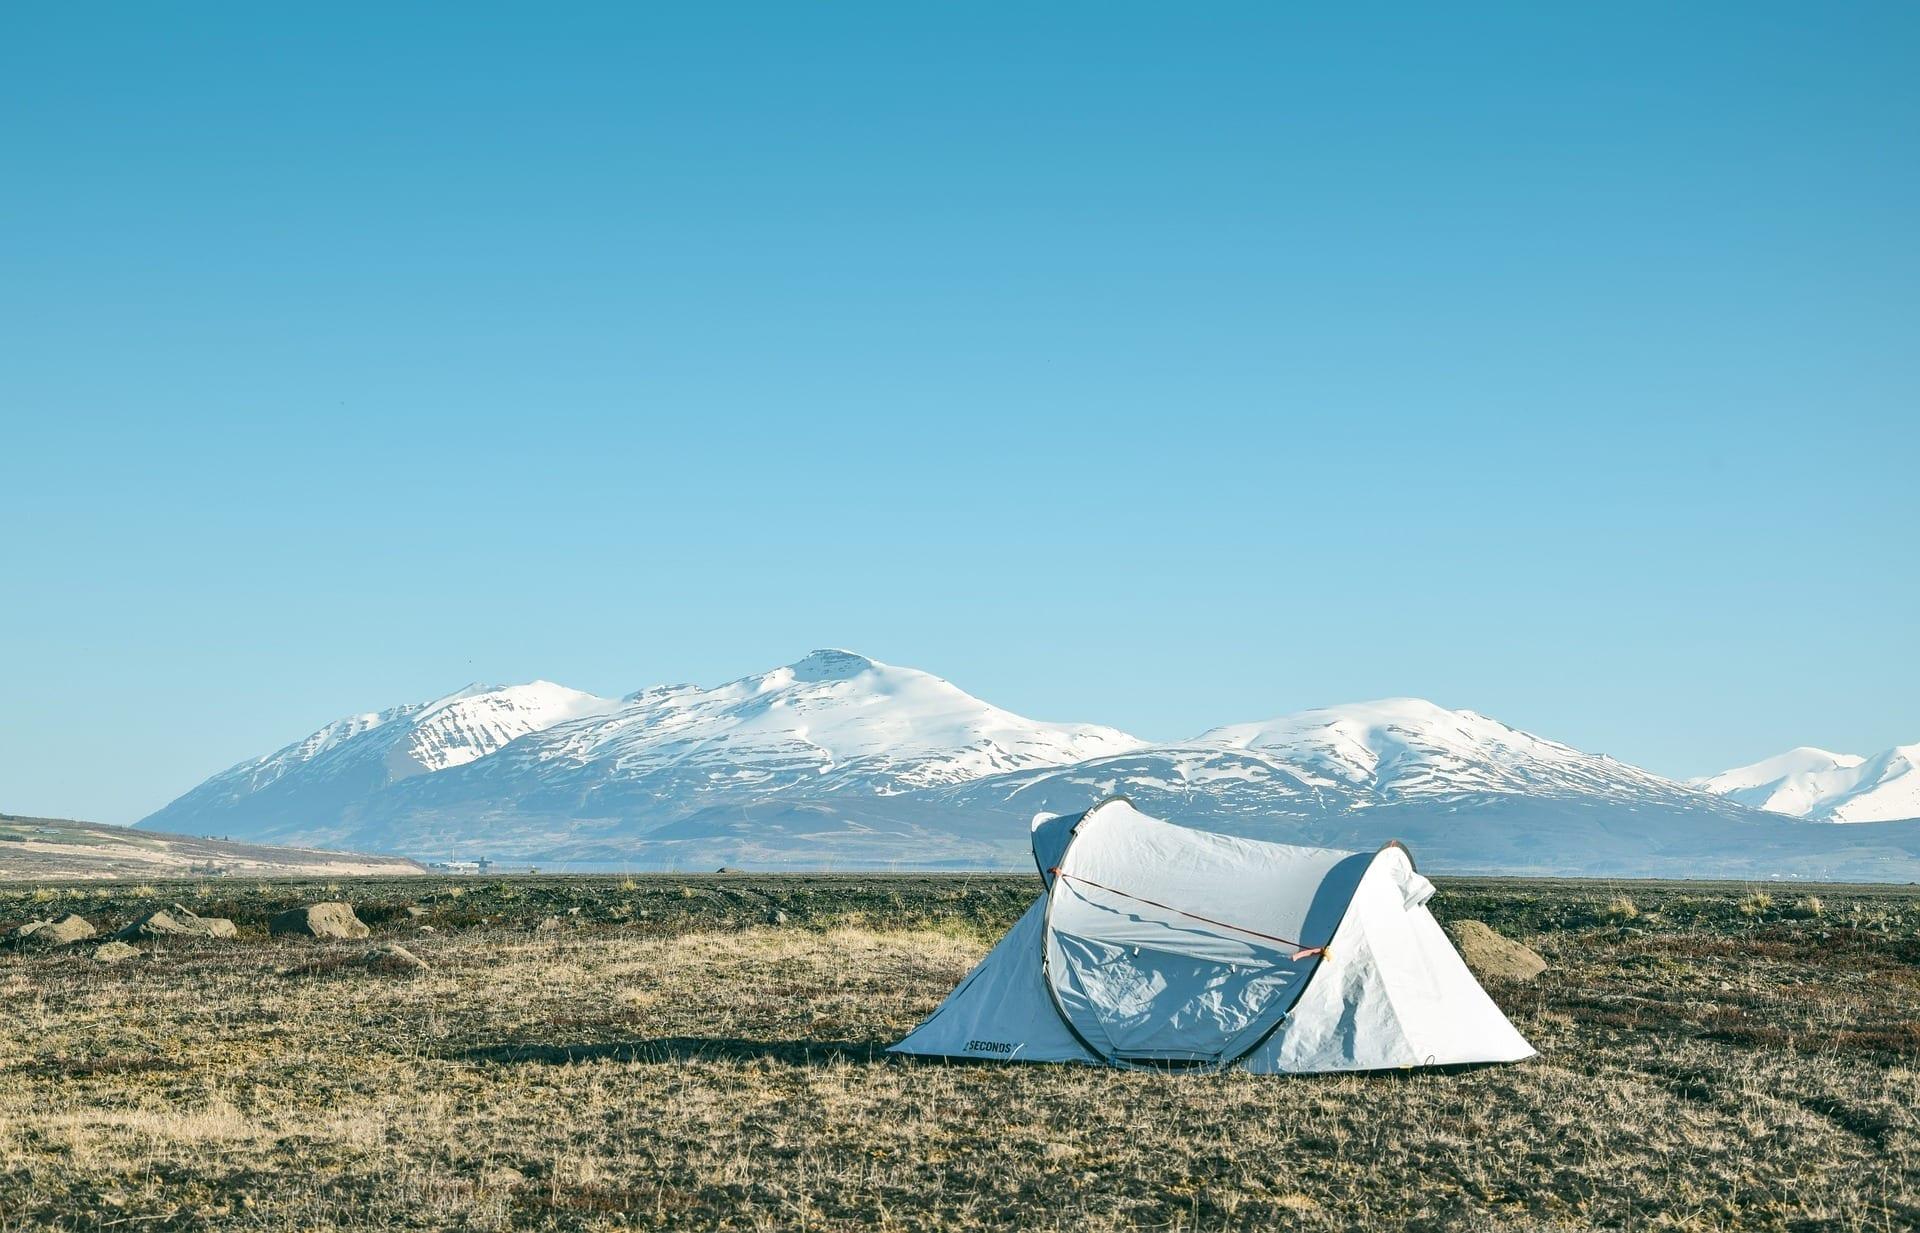 Namiot ekspresowy - jaki